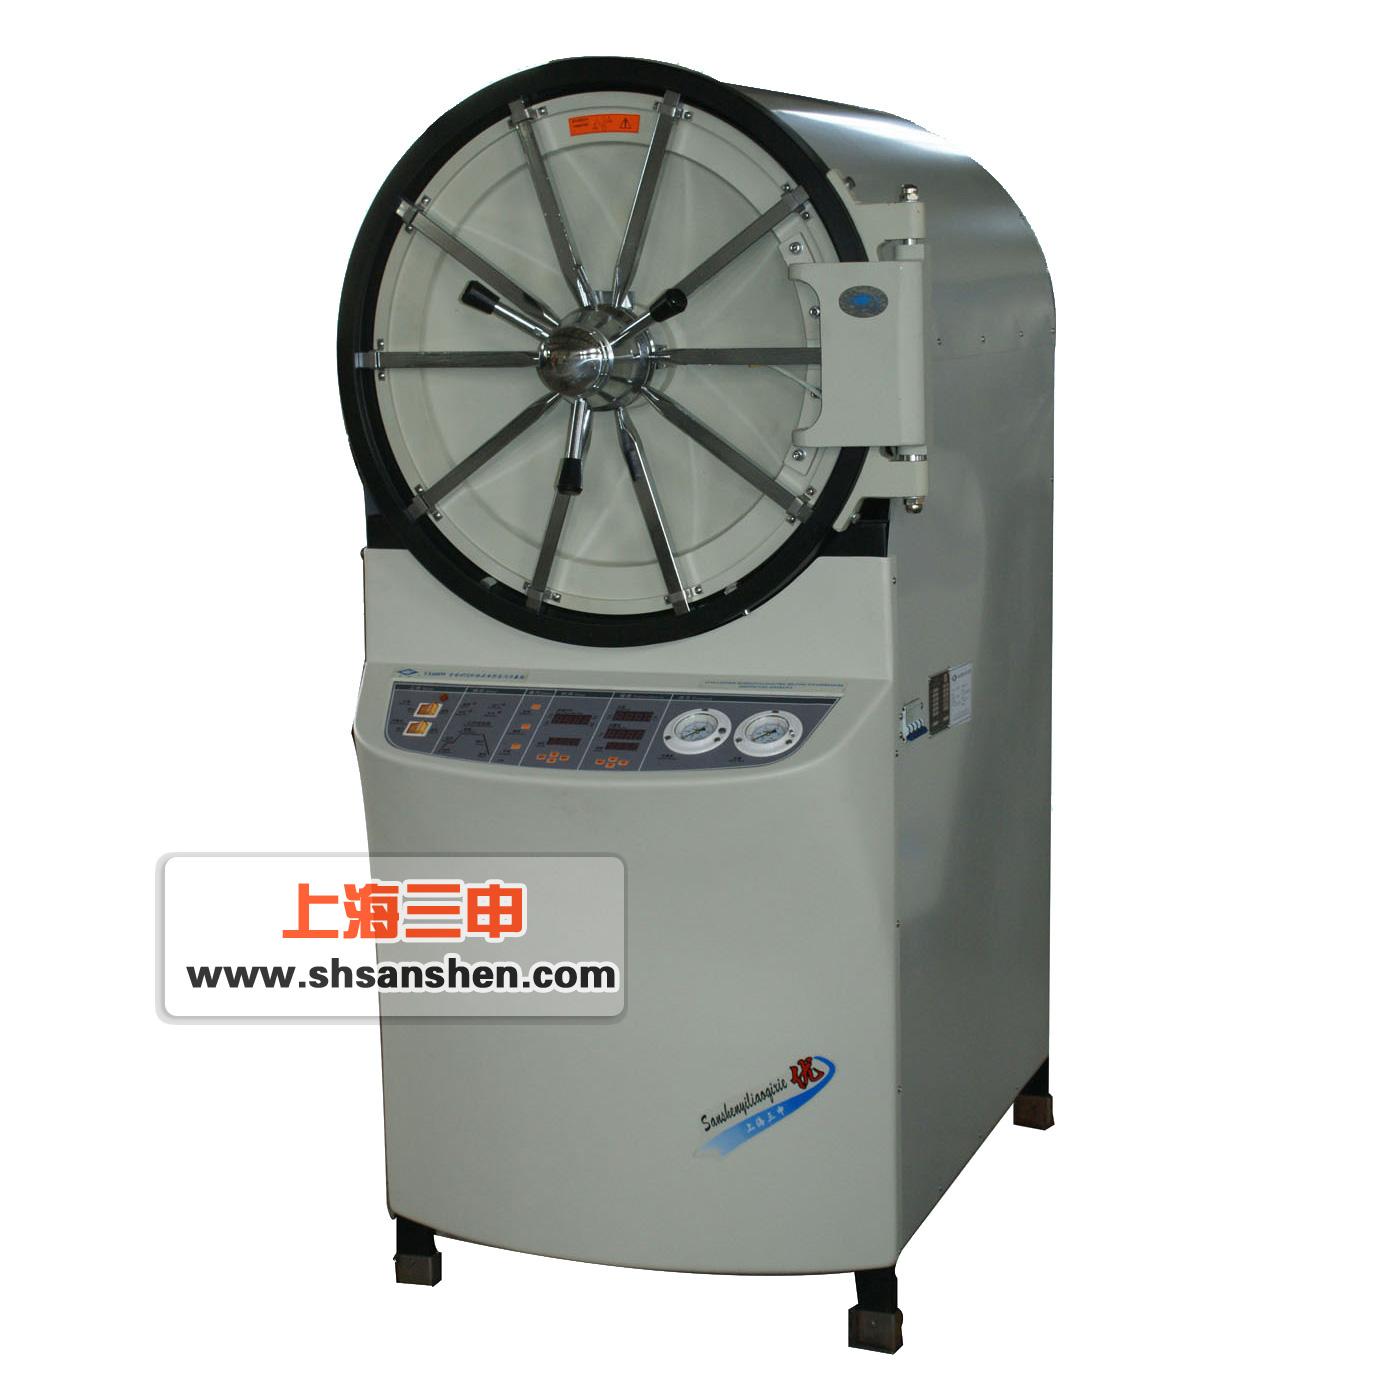 上海三申卧式圆形压力蒸汽xx色综合YX-600W(300L)卧式高压灭菌锅医用消毒锅